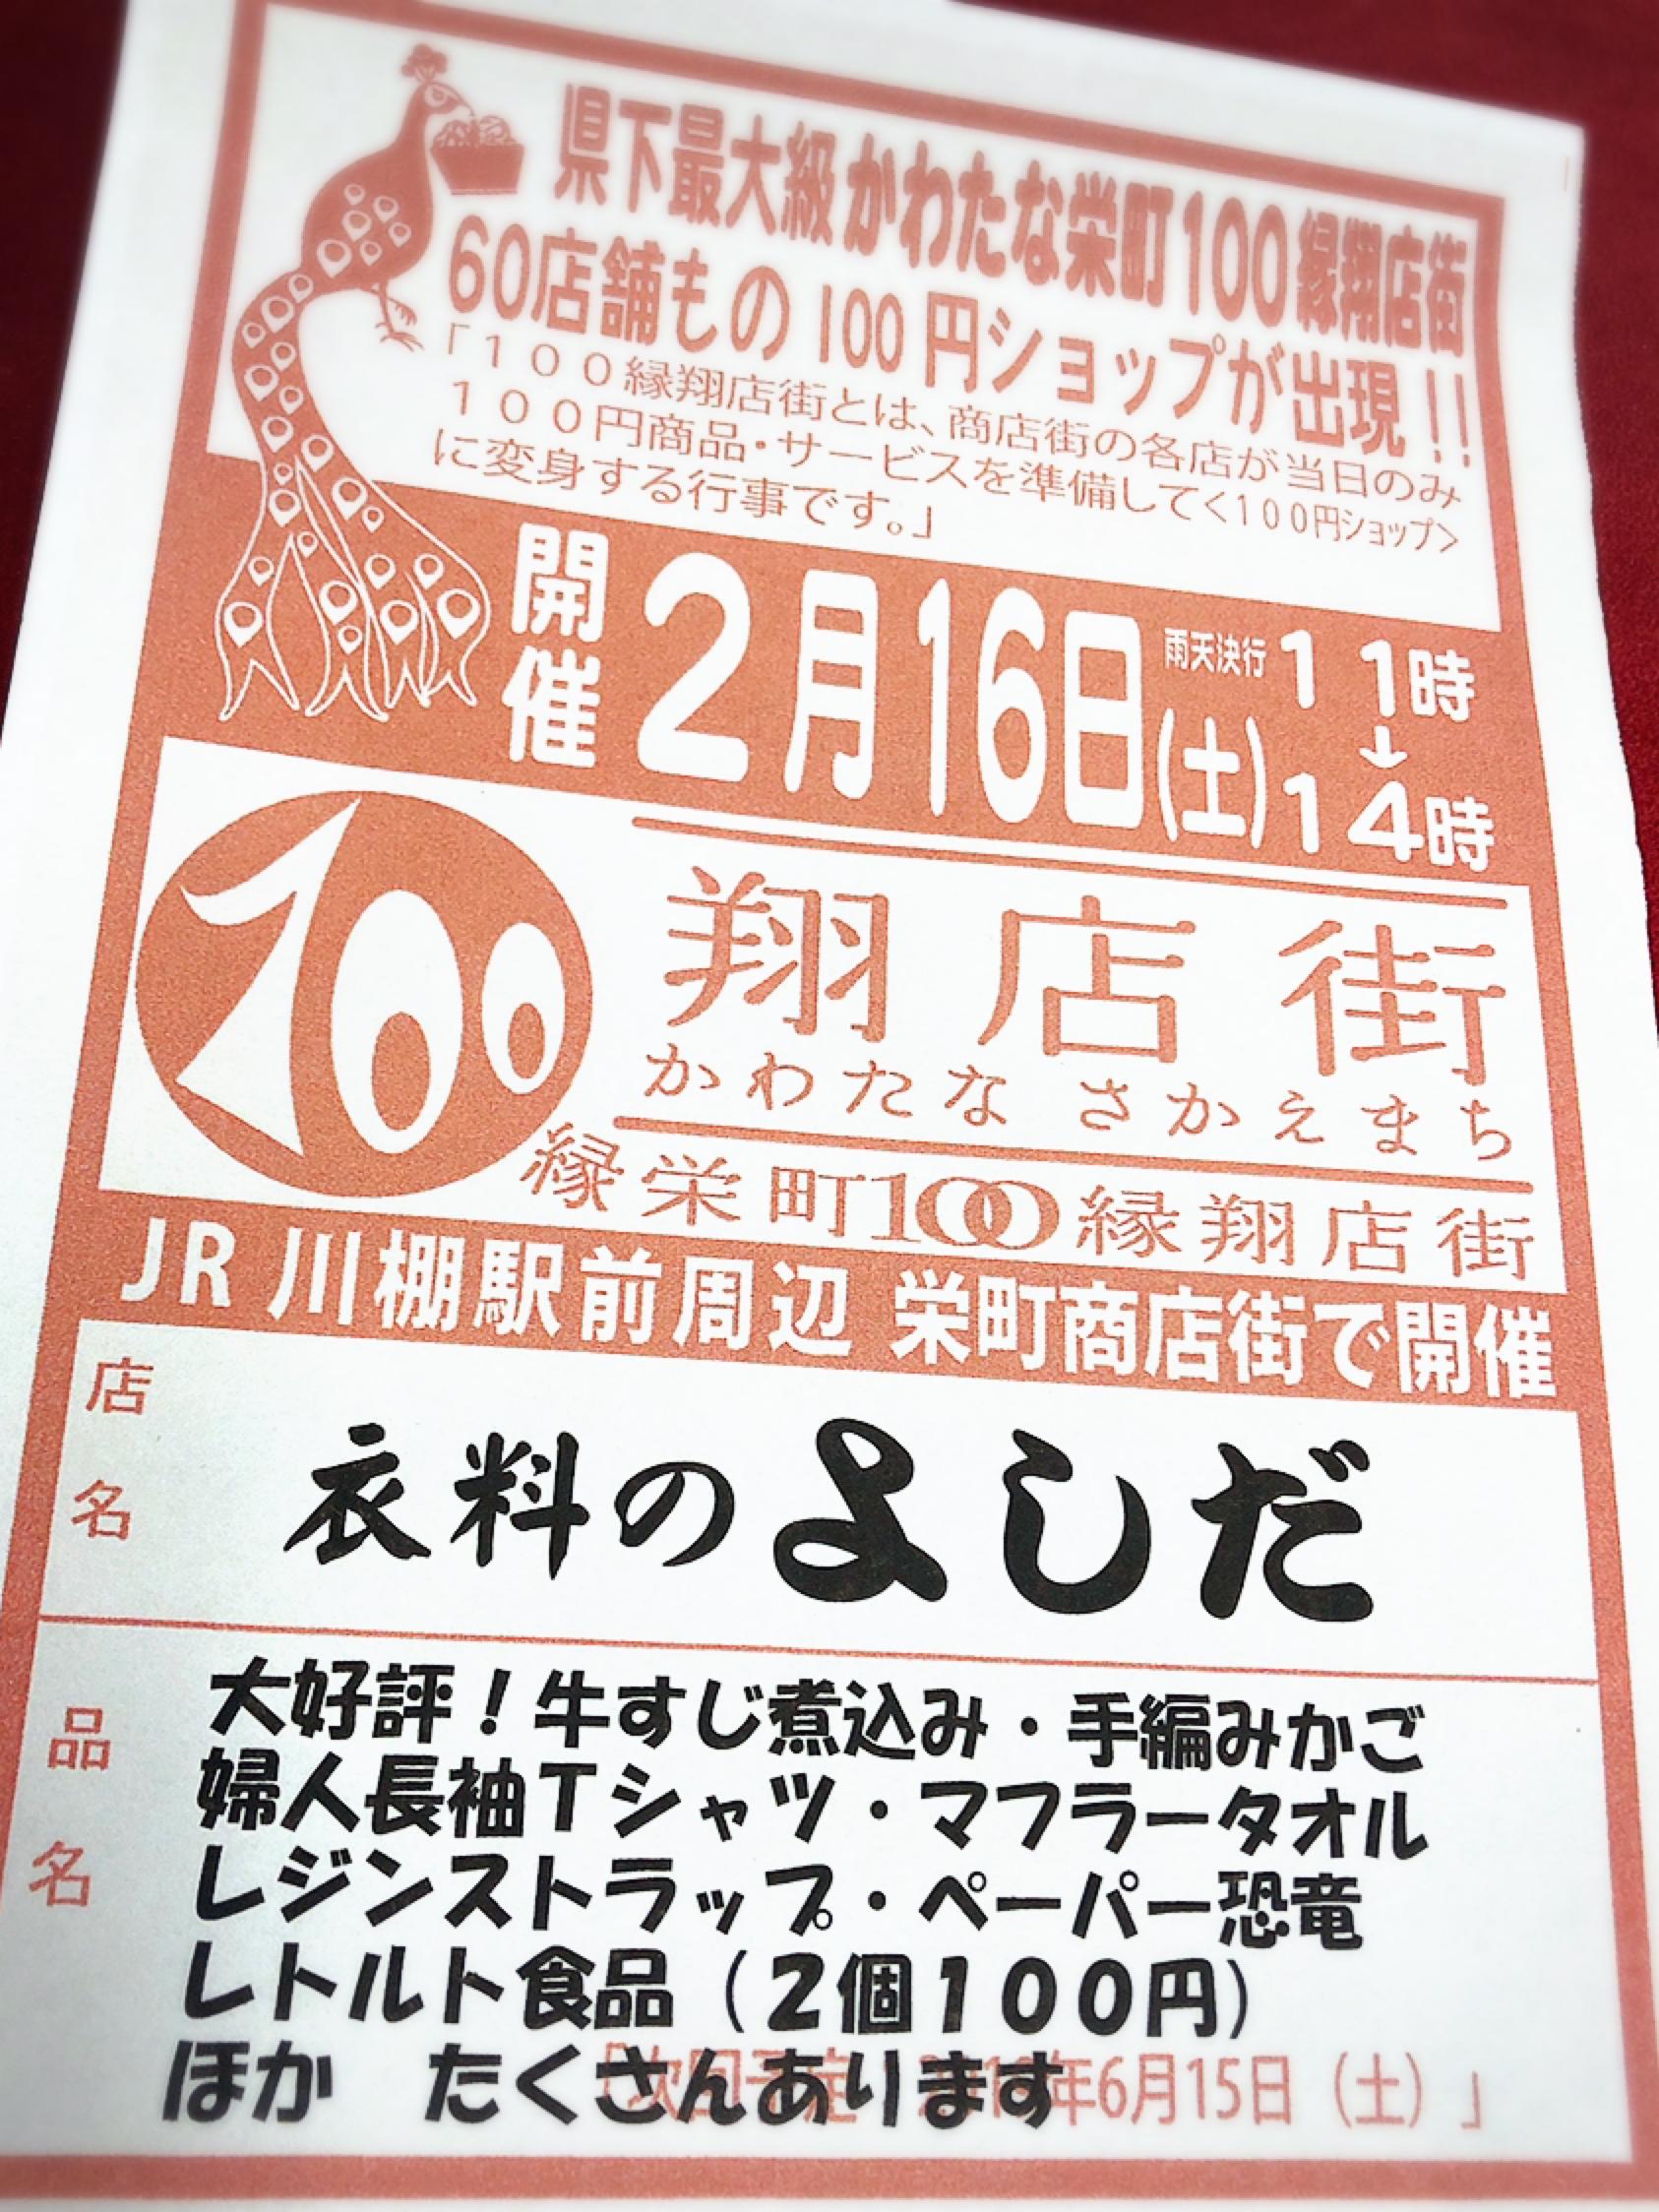 明日2/16(土)は、かわたな栄町100縁翔店街🎵